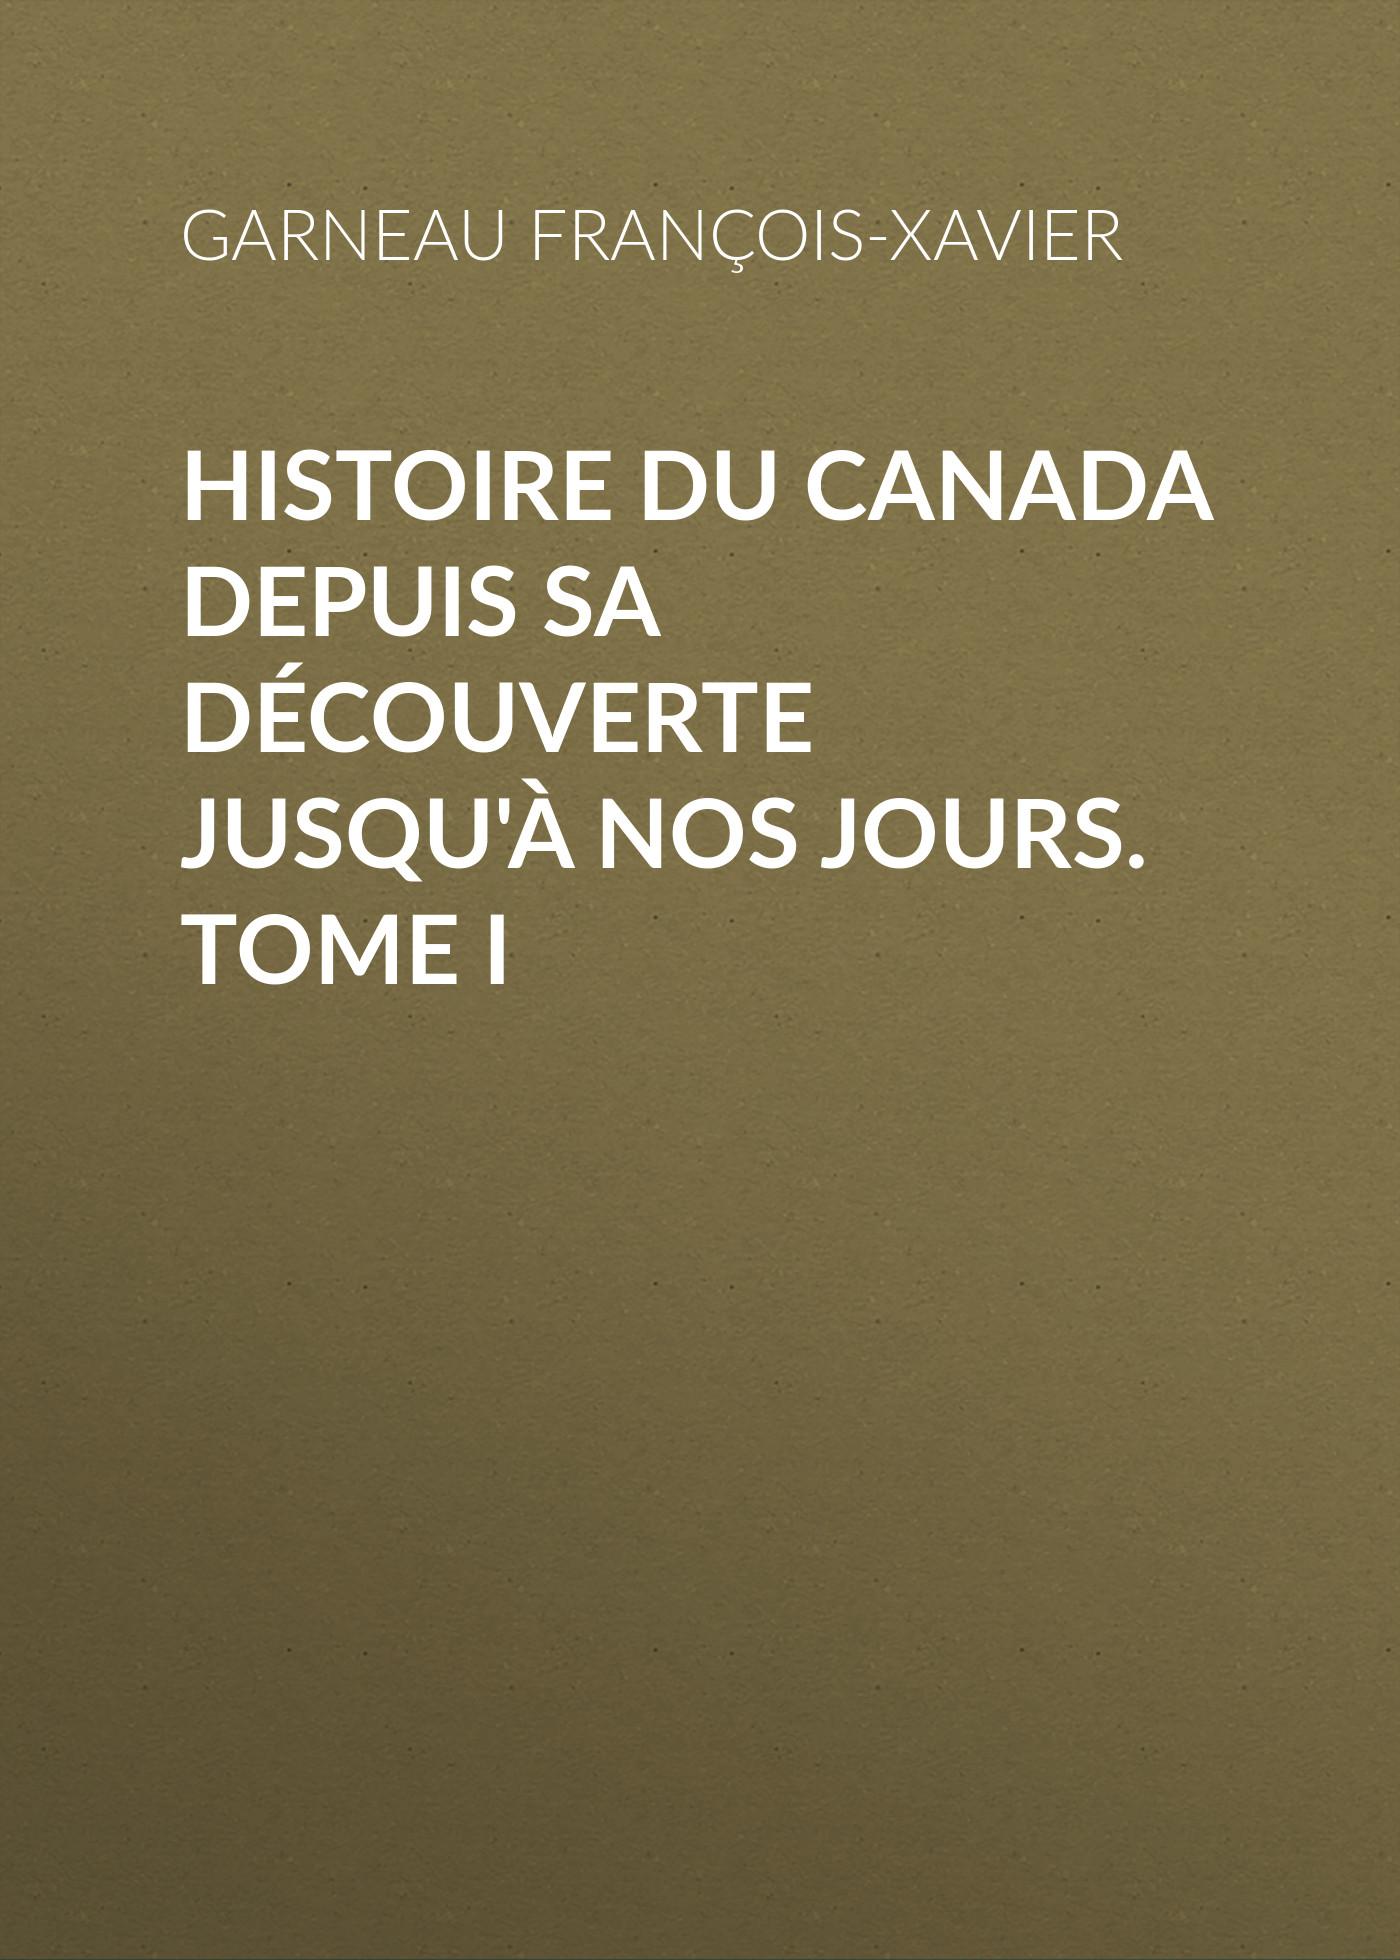 Garneau François-Xavier Histoire du Canada depuis sa découverte jusqu'à nos jours. Tome I françois daniel nos gloires nationales ou histoire des principales familles du canada 2